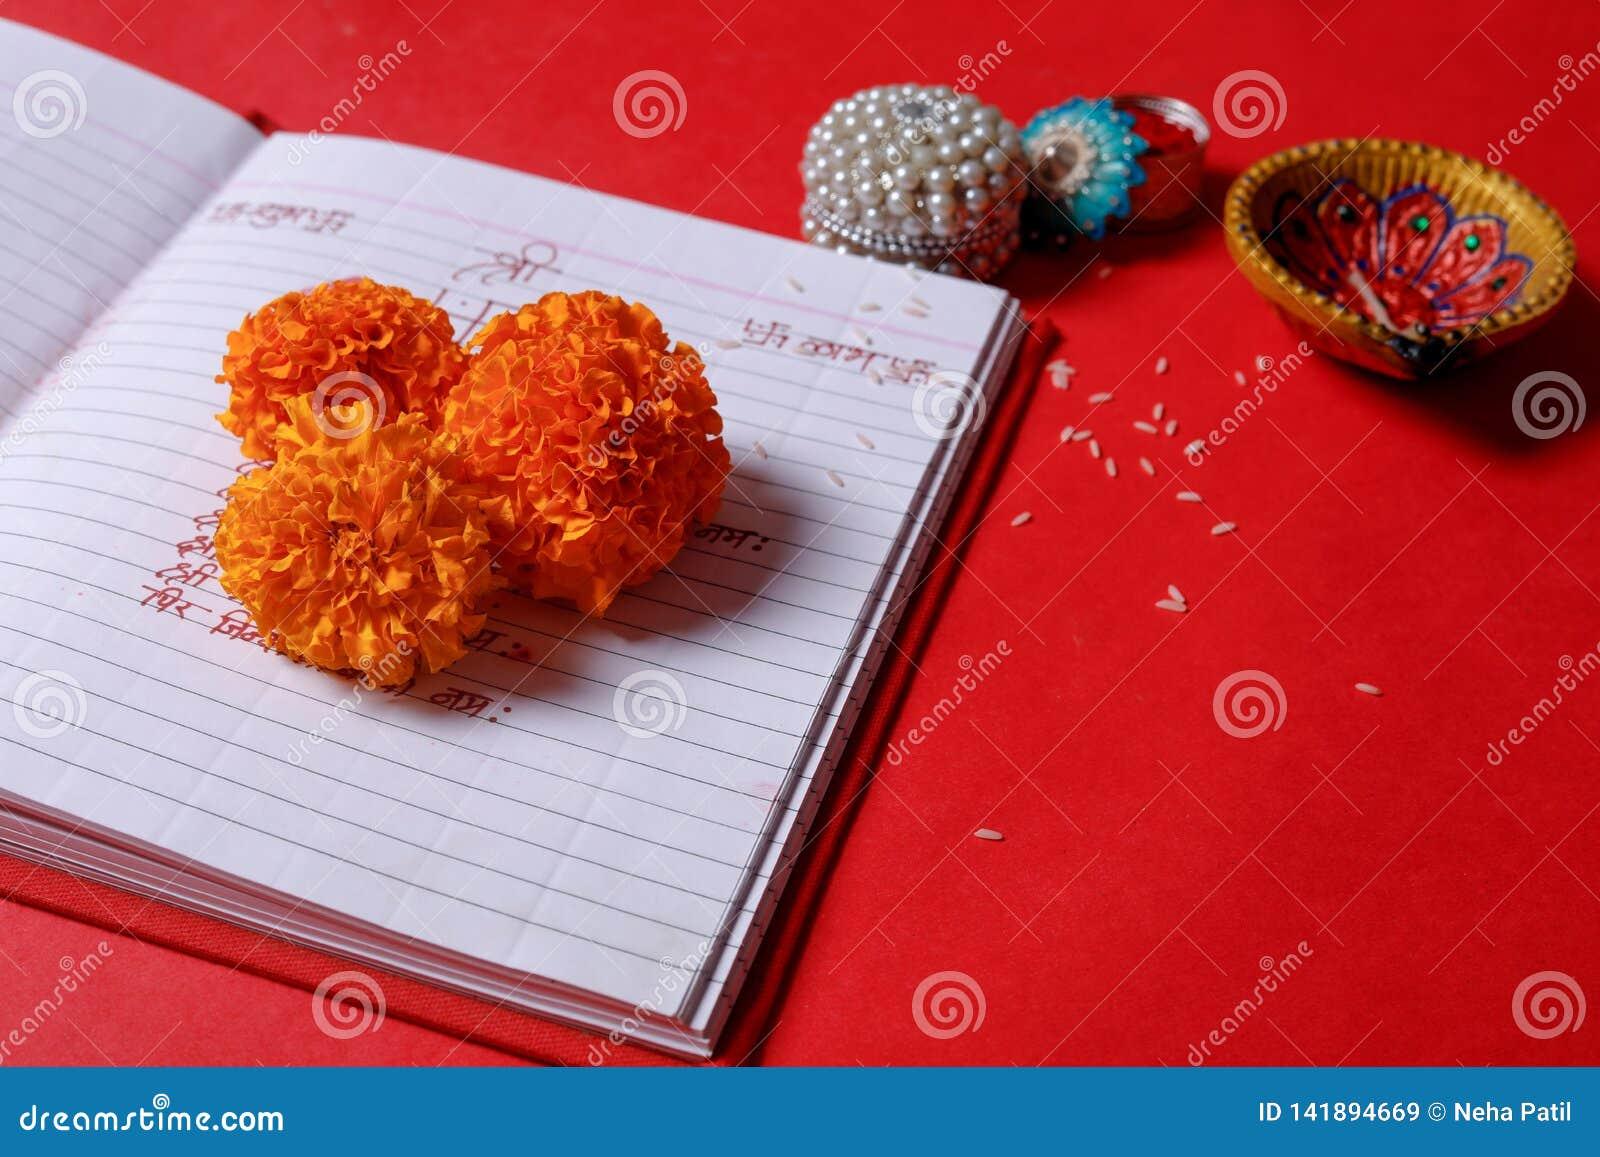 Kaligrafia pisze w hindi Shubha Labh znaczy dobroć & bogactwo, nad Czerwonej księgowości nutową książką, diya,